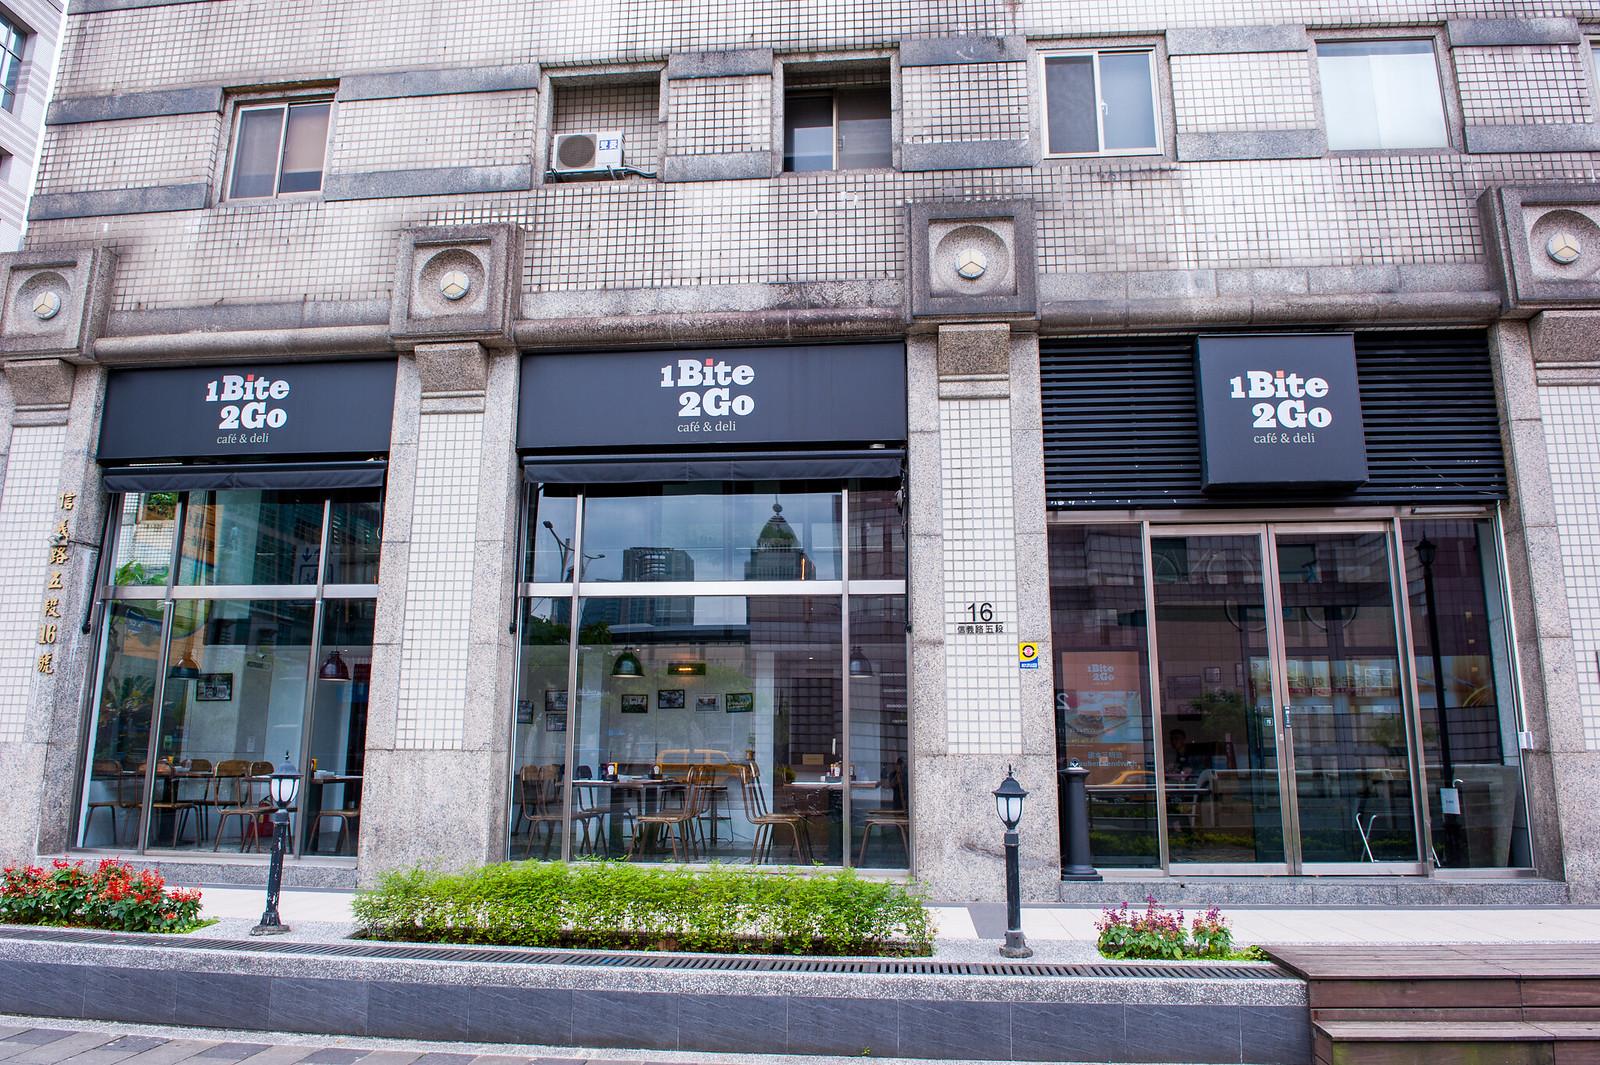 台北信義區【1Bite2Go Café & Deli 信義店】紐約風格美式餐廳@台北101捷運站♥聚餐、約會餐廳♥親子餐廳♥